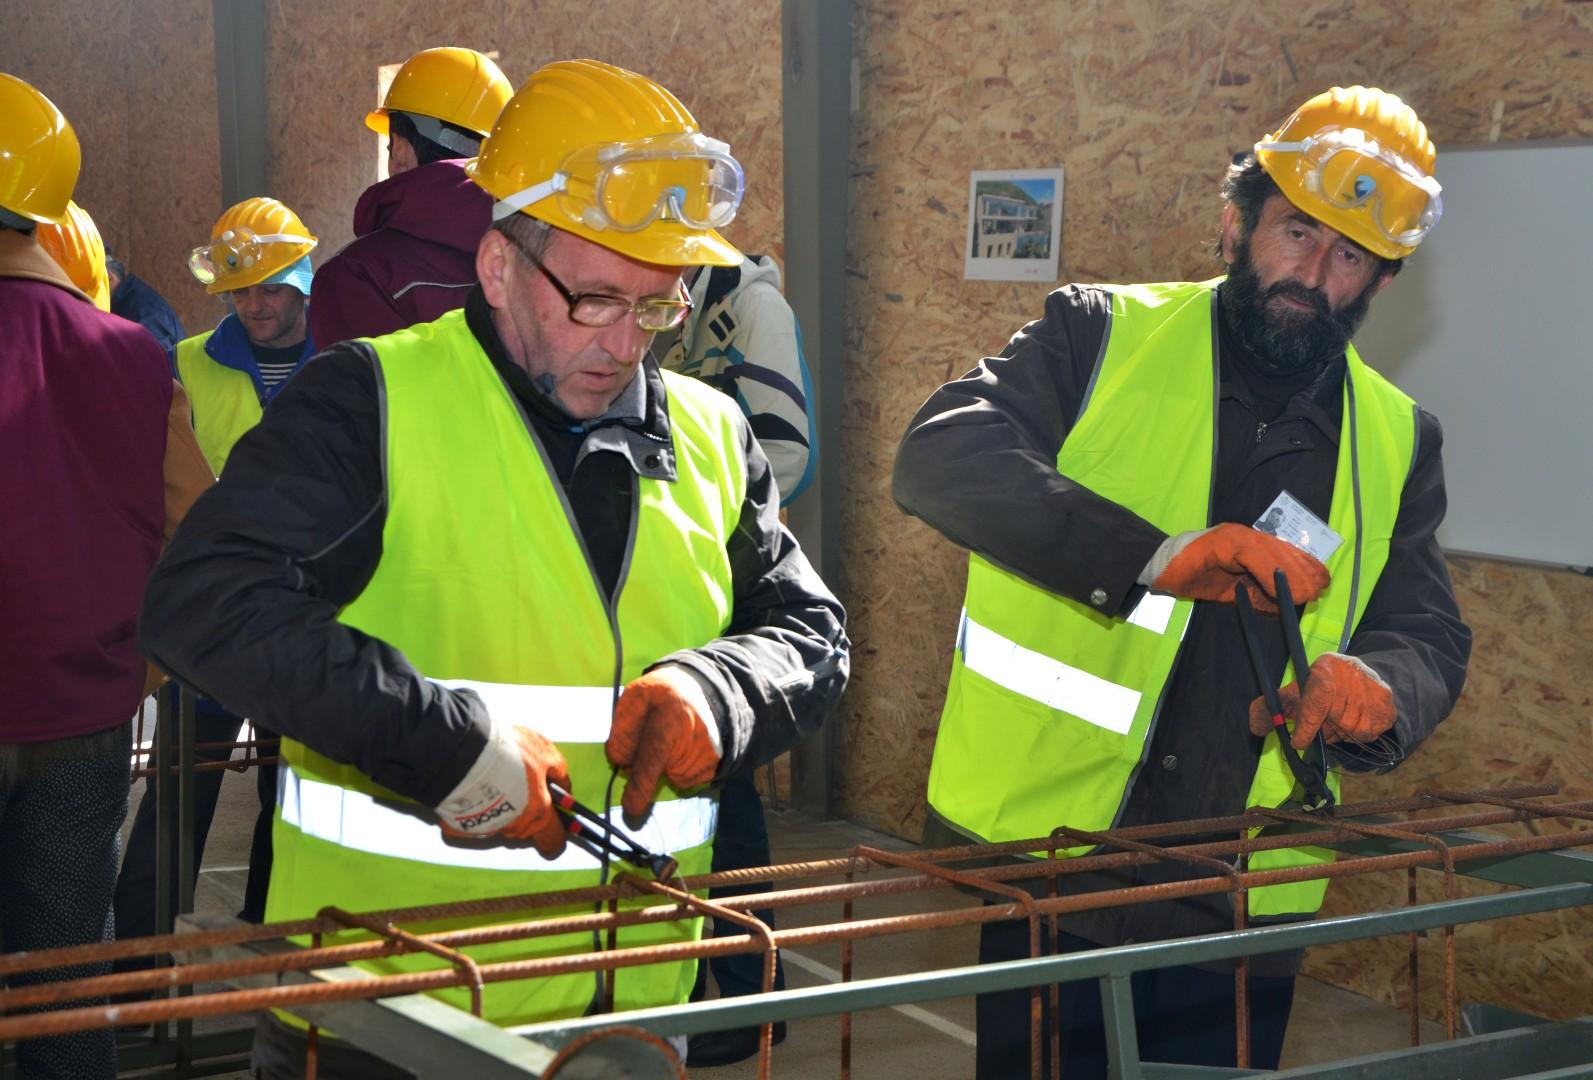 Projekat Portonovi: Obuka i posao za 1.200 radnika iz regiona